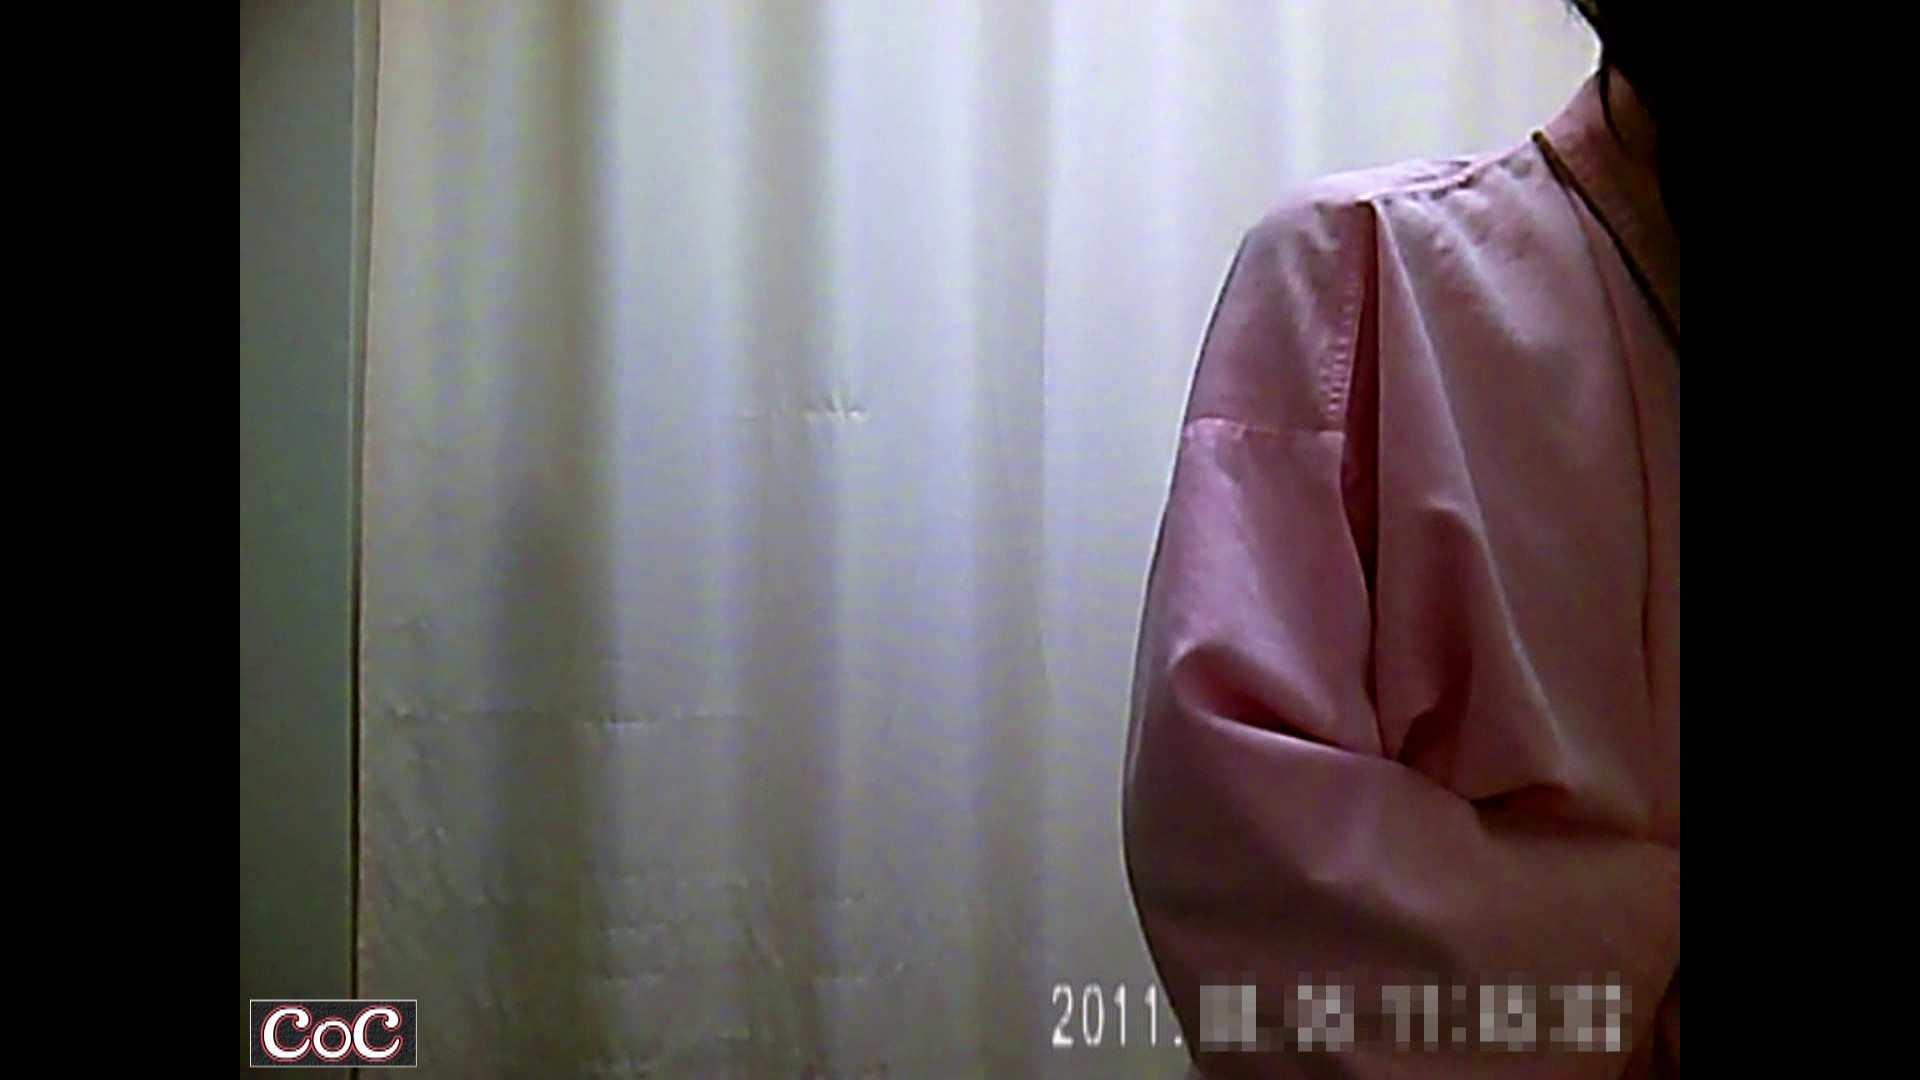 病院おもいっきり着替え! vol.12 盗撮 オマンコ無修正動画無料 69PICs 23